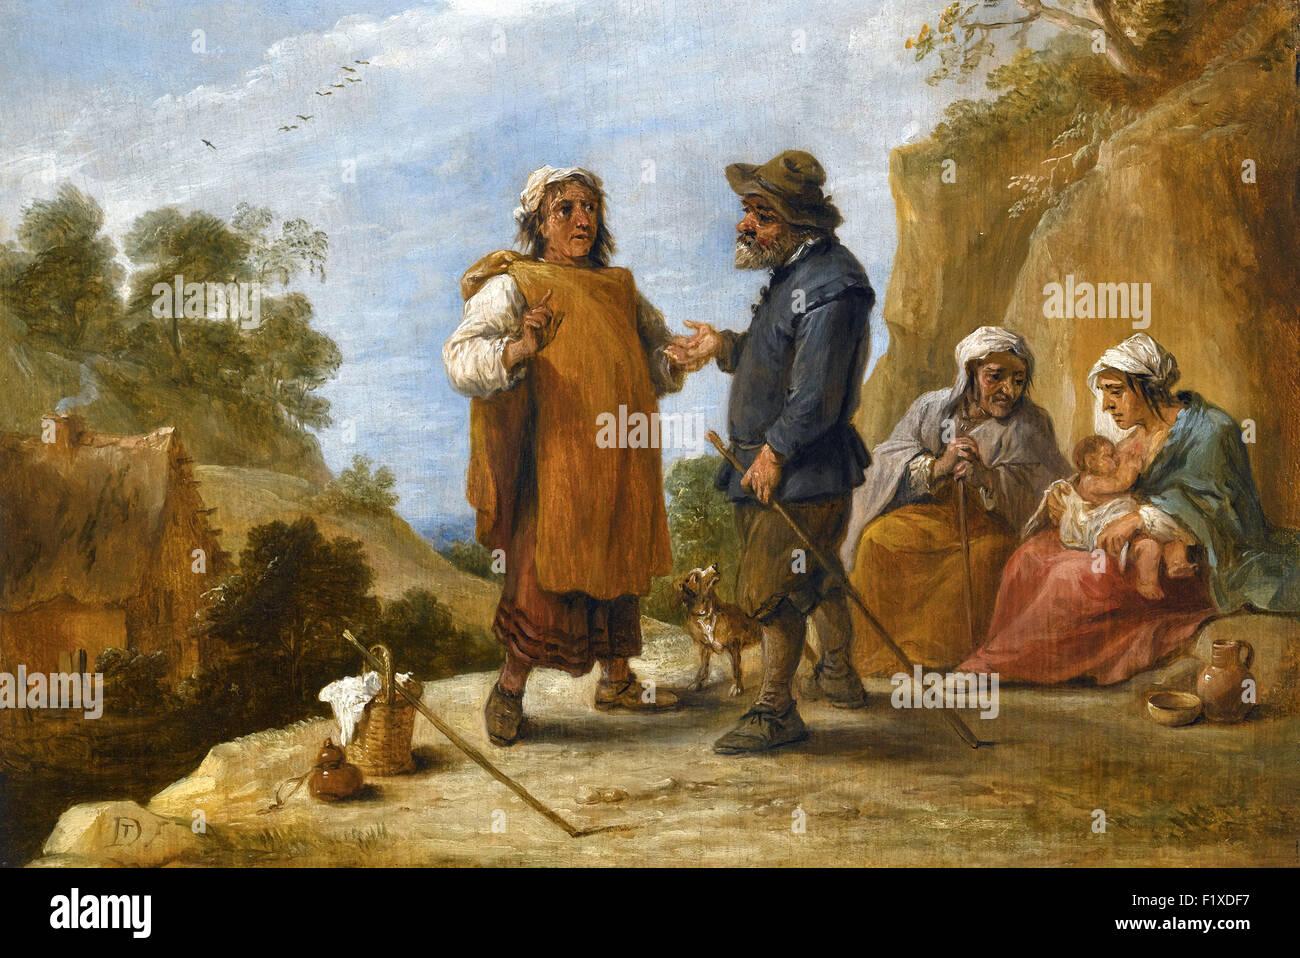 David Teniers le Jeune - tsiganes dans un paysage rocheux Photo Stock